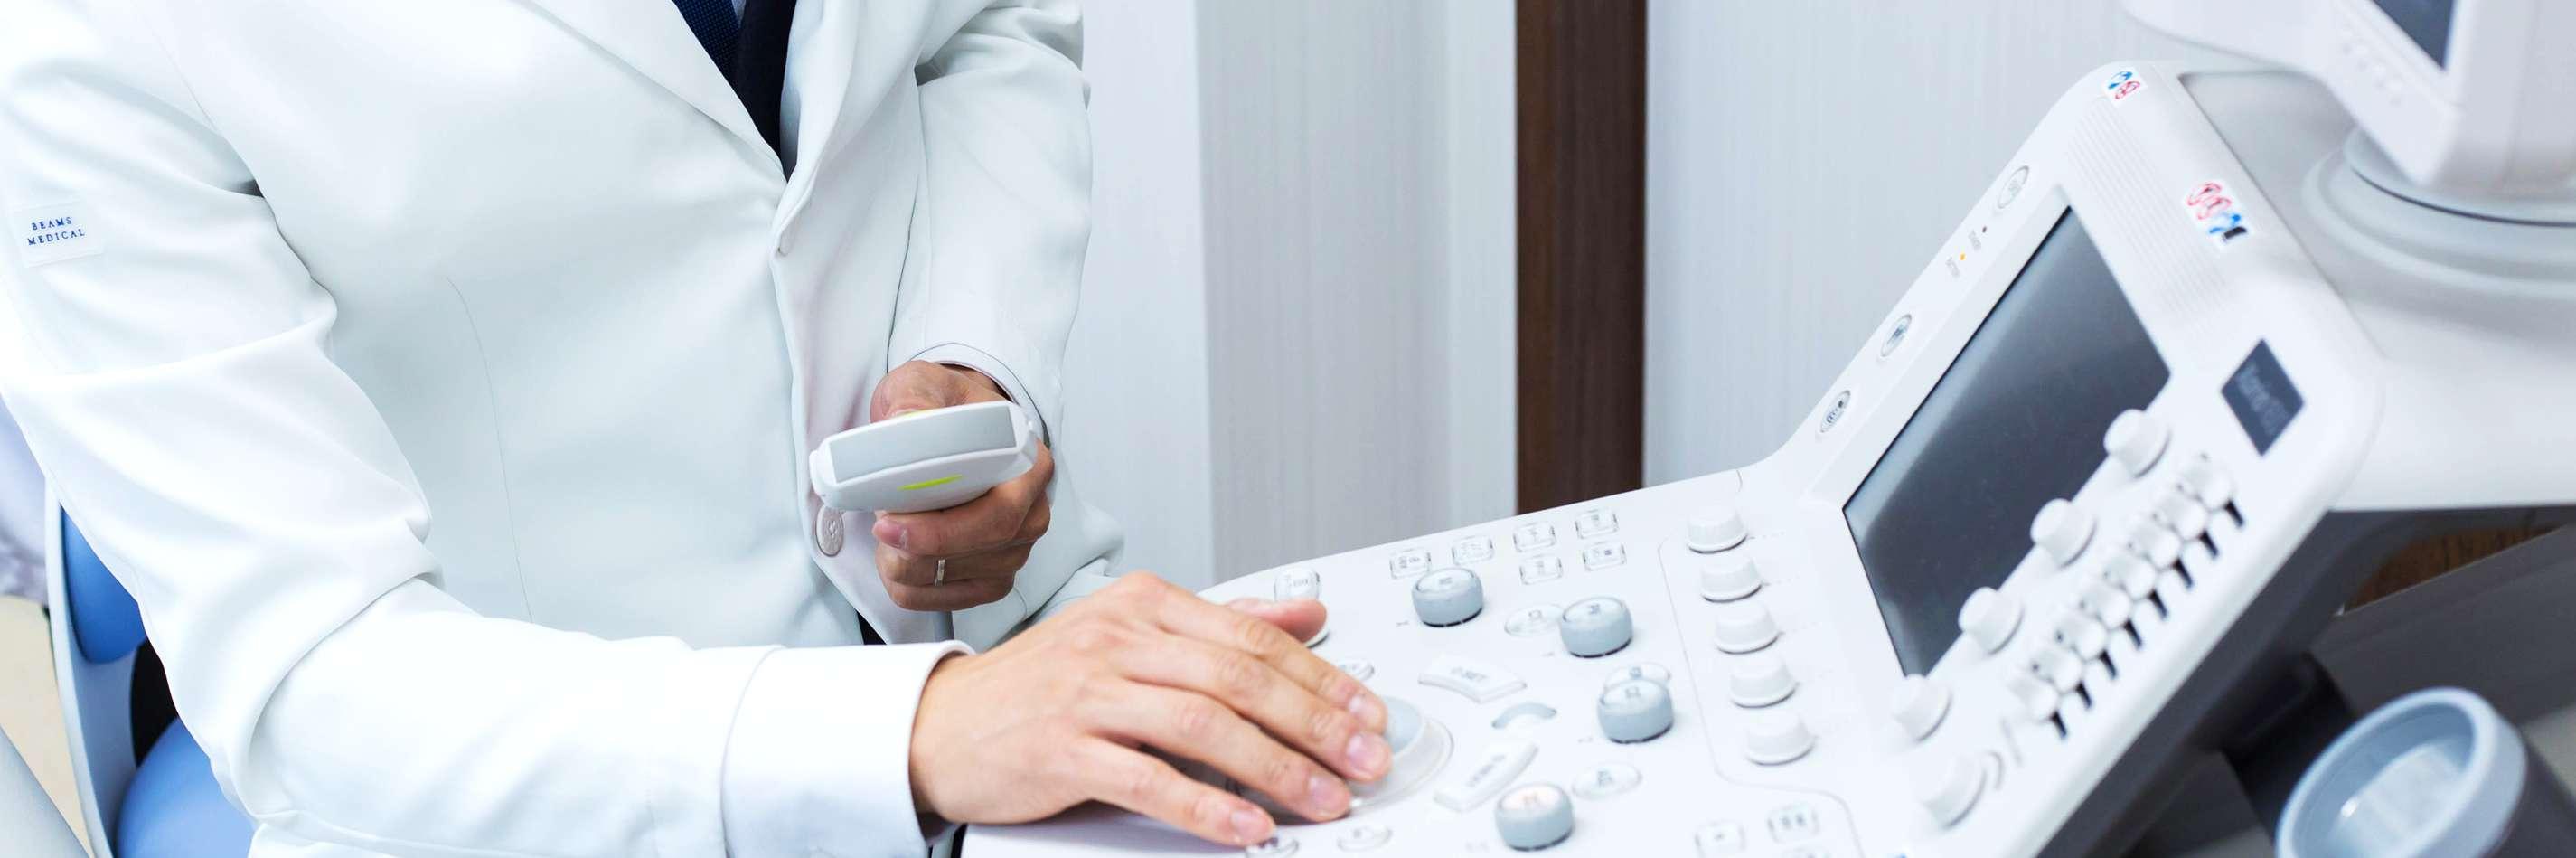 内視鏡検査(胃カメラ) ENDSCOPE